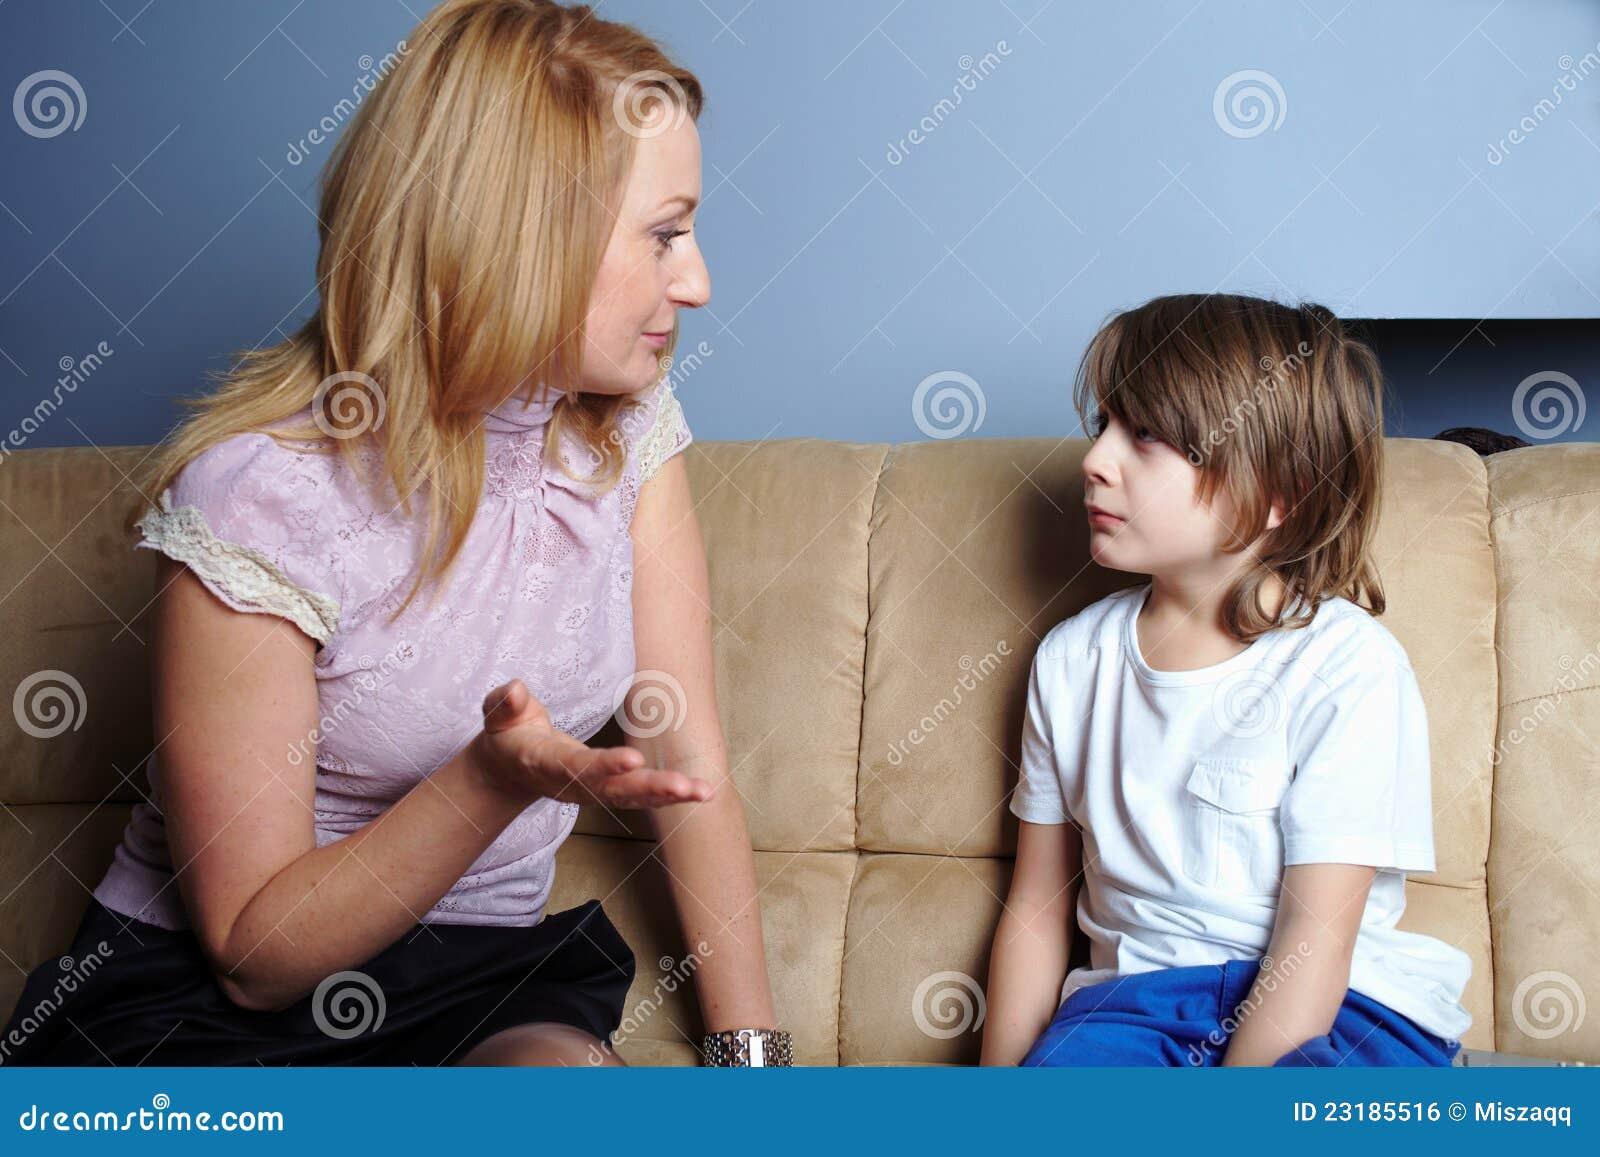 Секс смотреть мать и сын, Порно русских мамочек, сын трахает маму 27 фотография